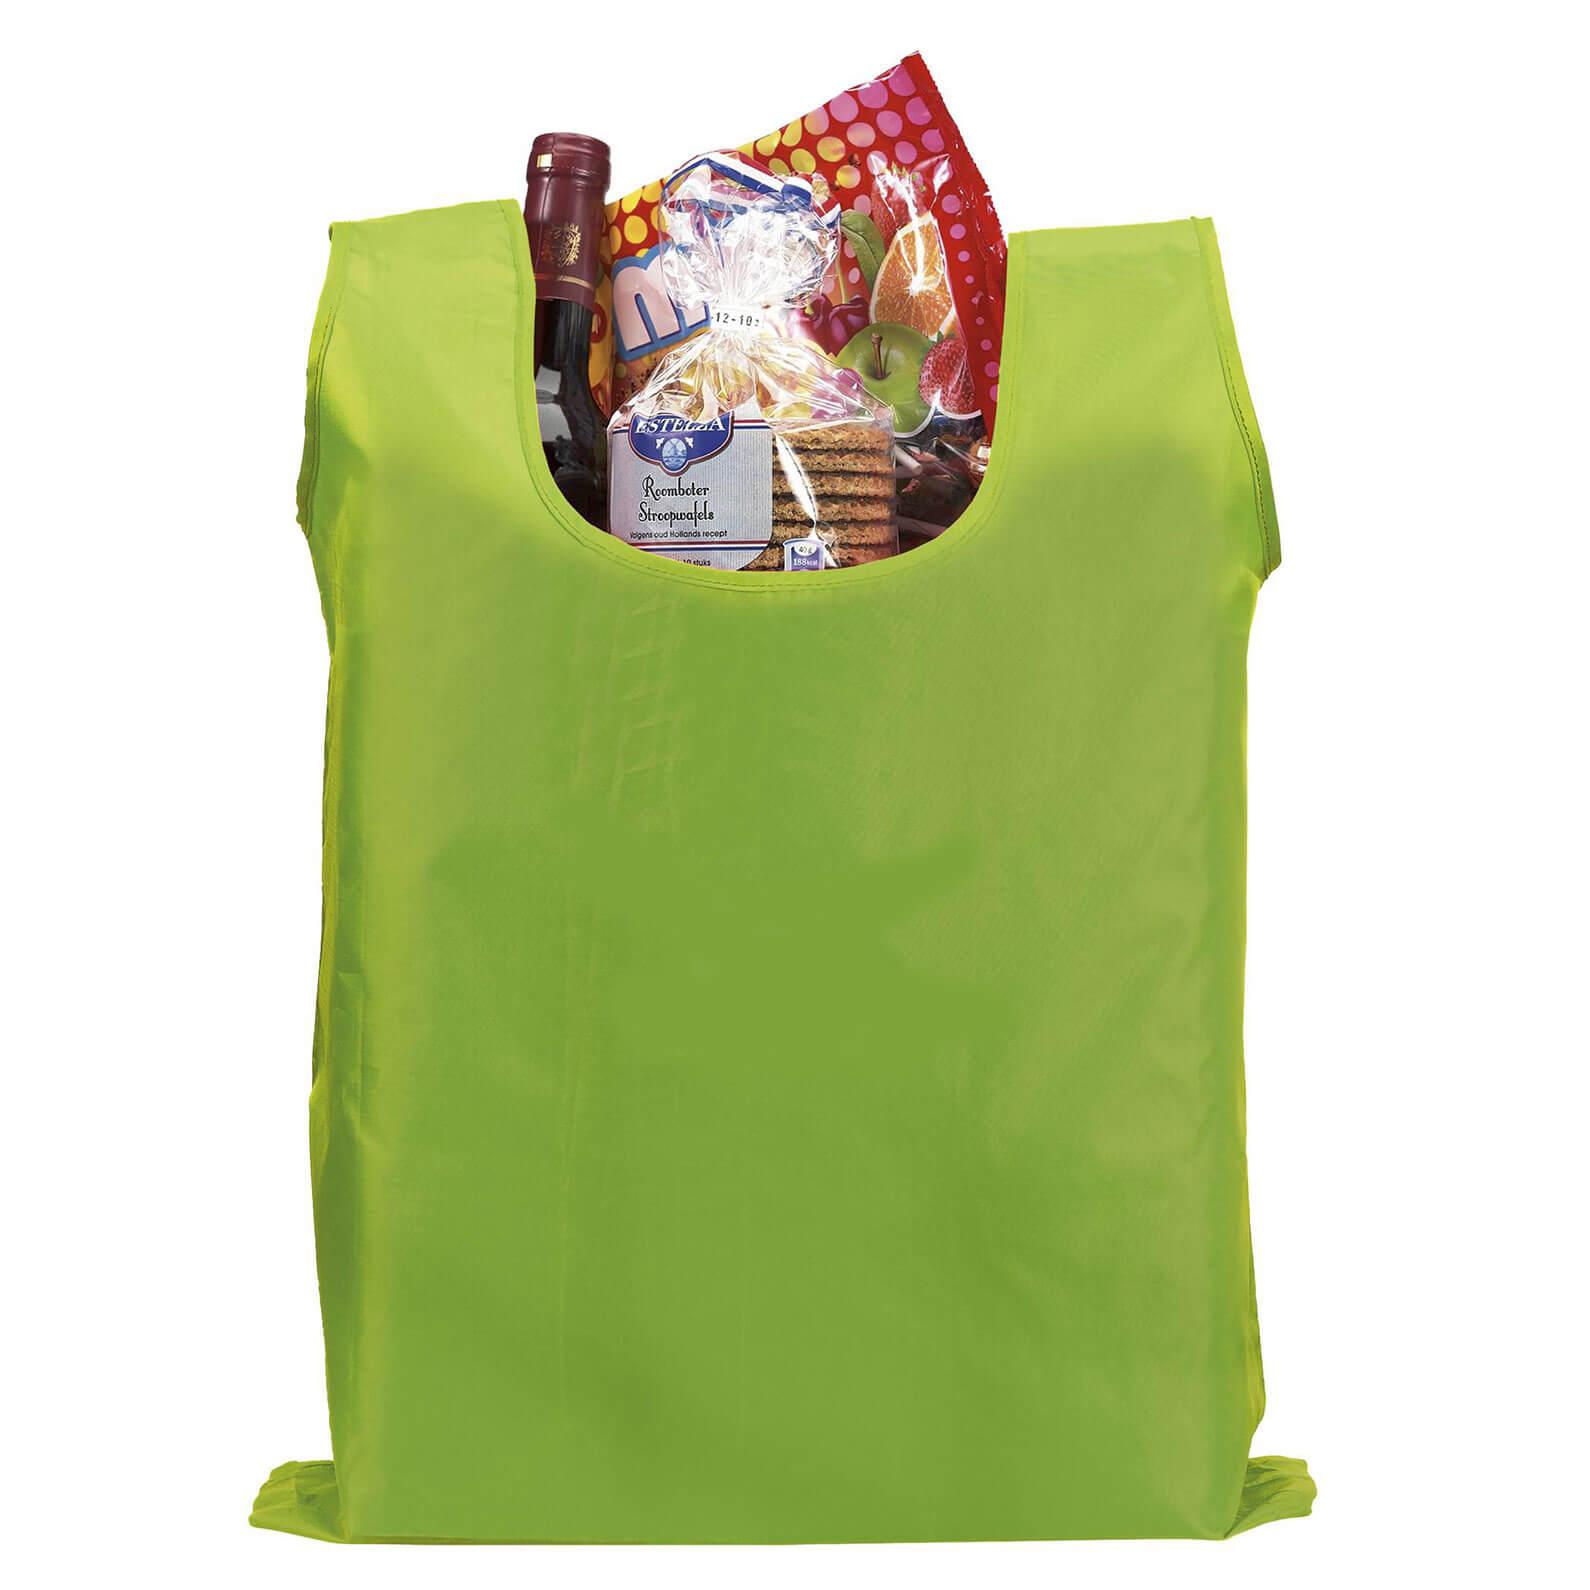 Werbeartikel Taschen günstig online bedrucken lassen